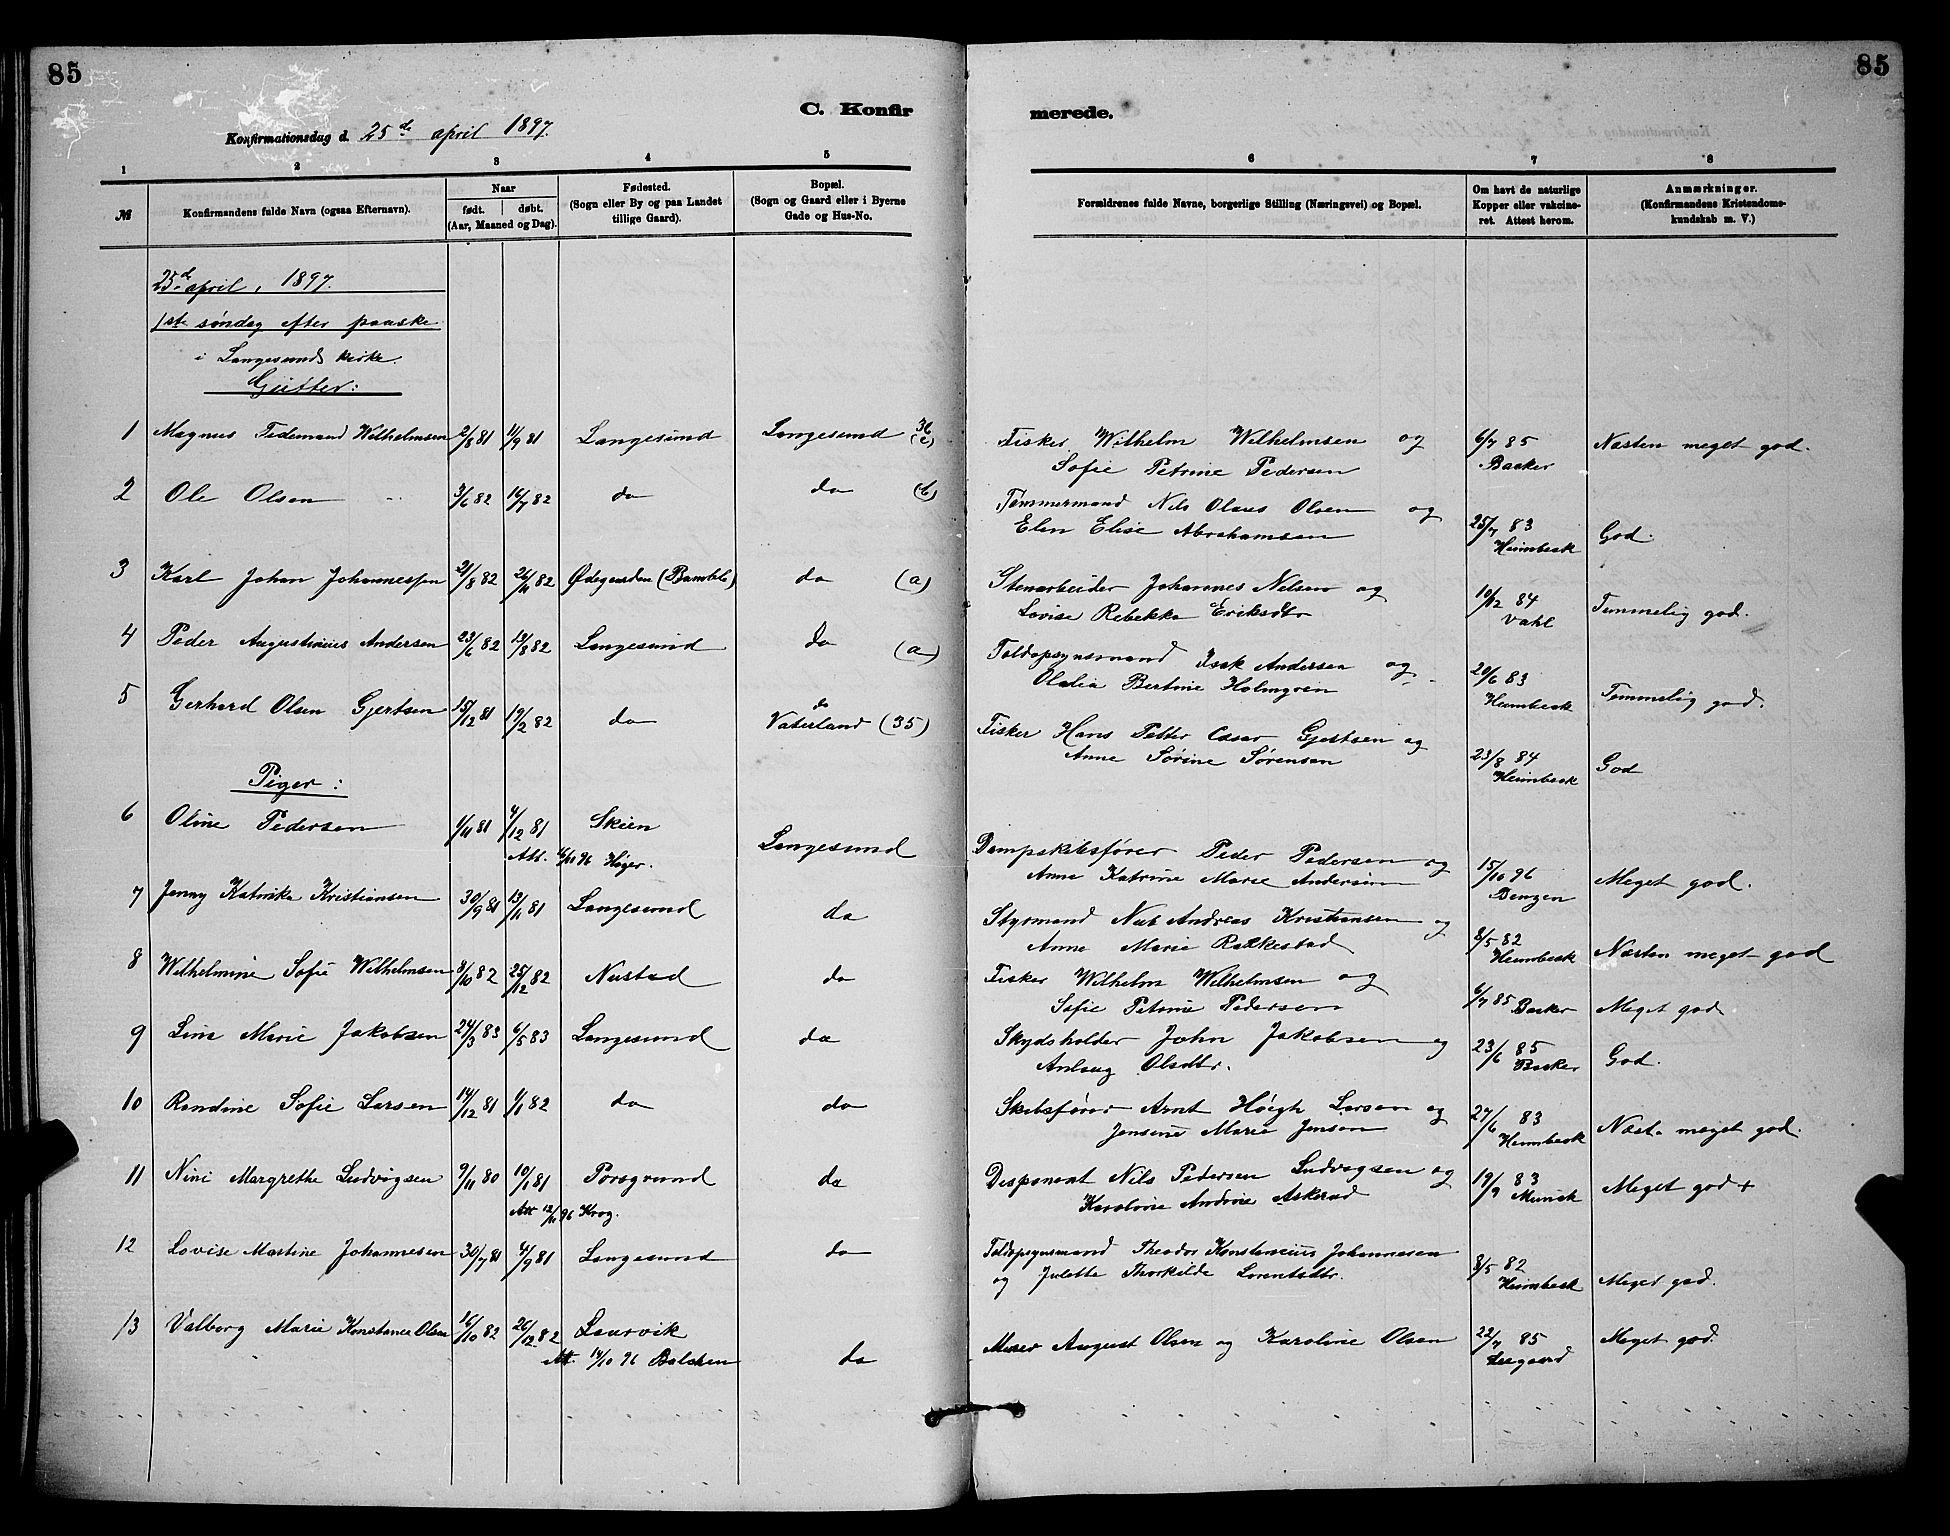 SAKO, Langesund kirkebøker, G/Ga/L0005: Klokkerbok nr. 5, 1884-1898, s. 85